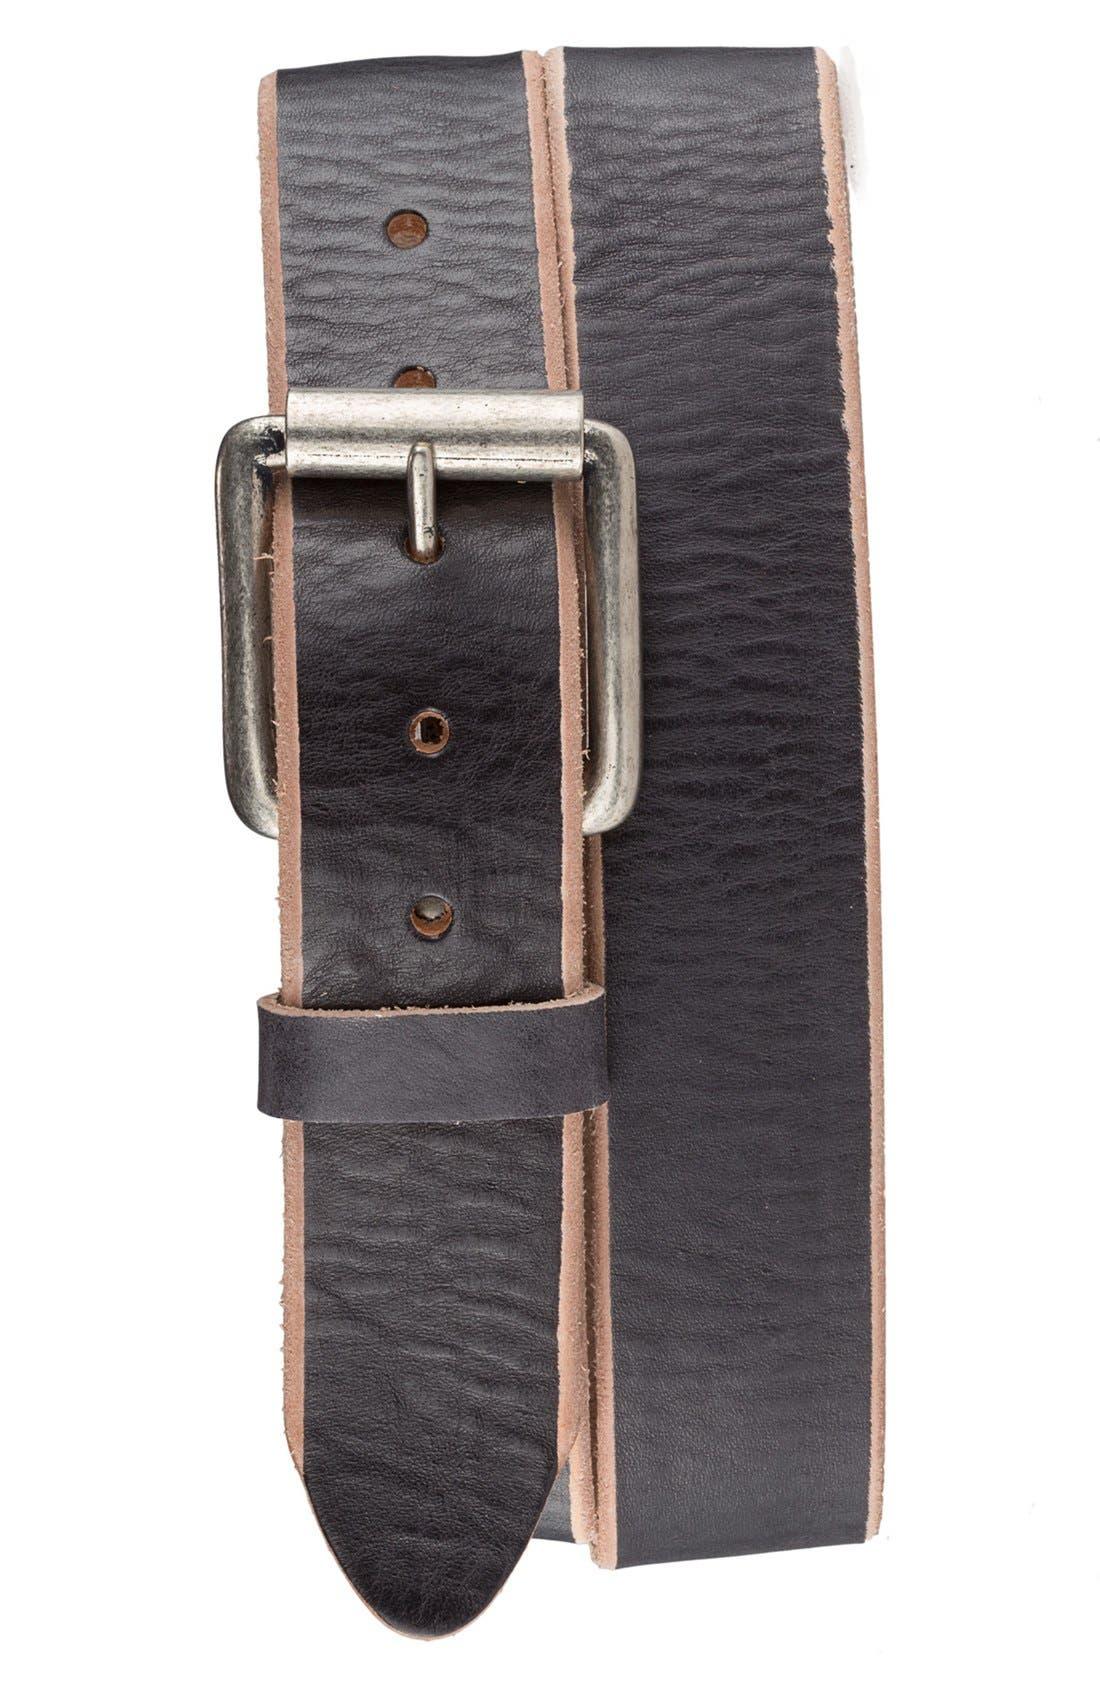 Alternate Image 1 Selected - Bill Adler 1981 'Jelly Bean' Raw Edge Leather Belt